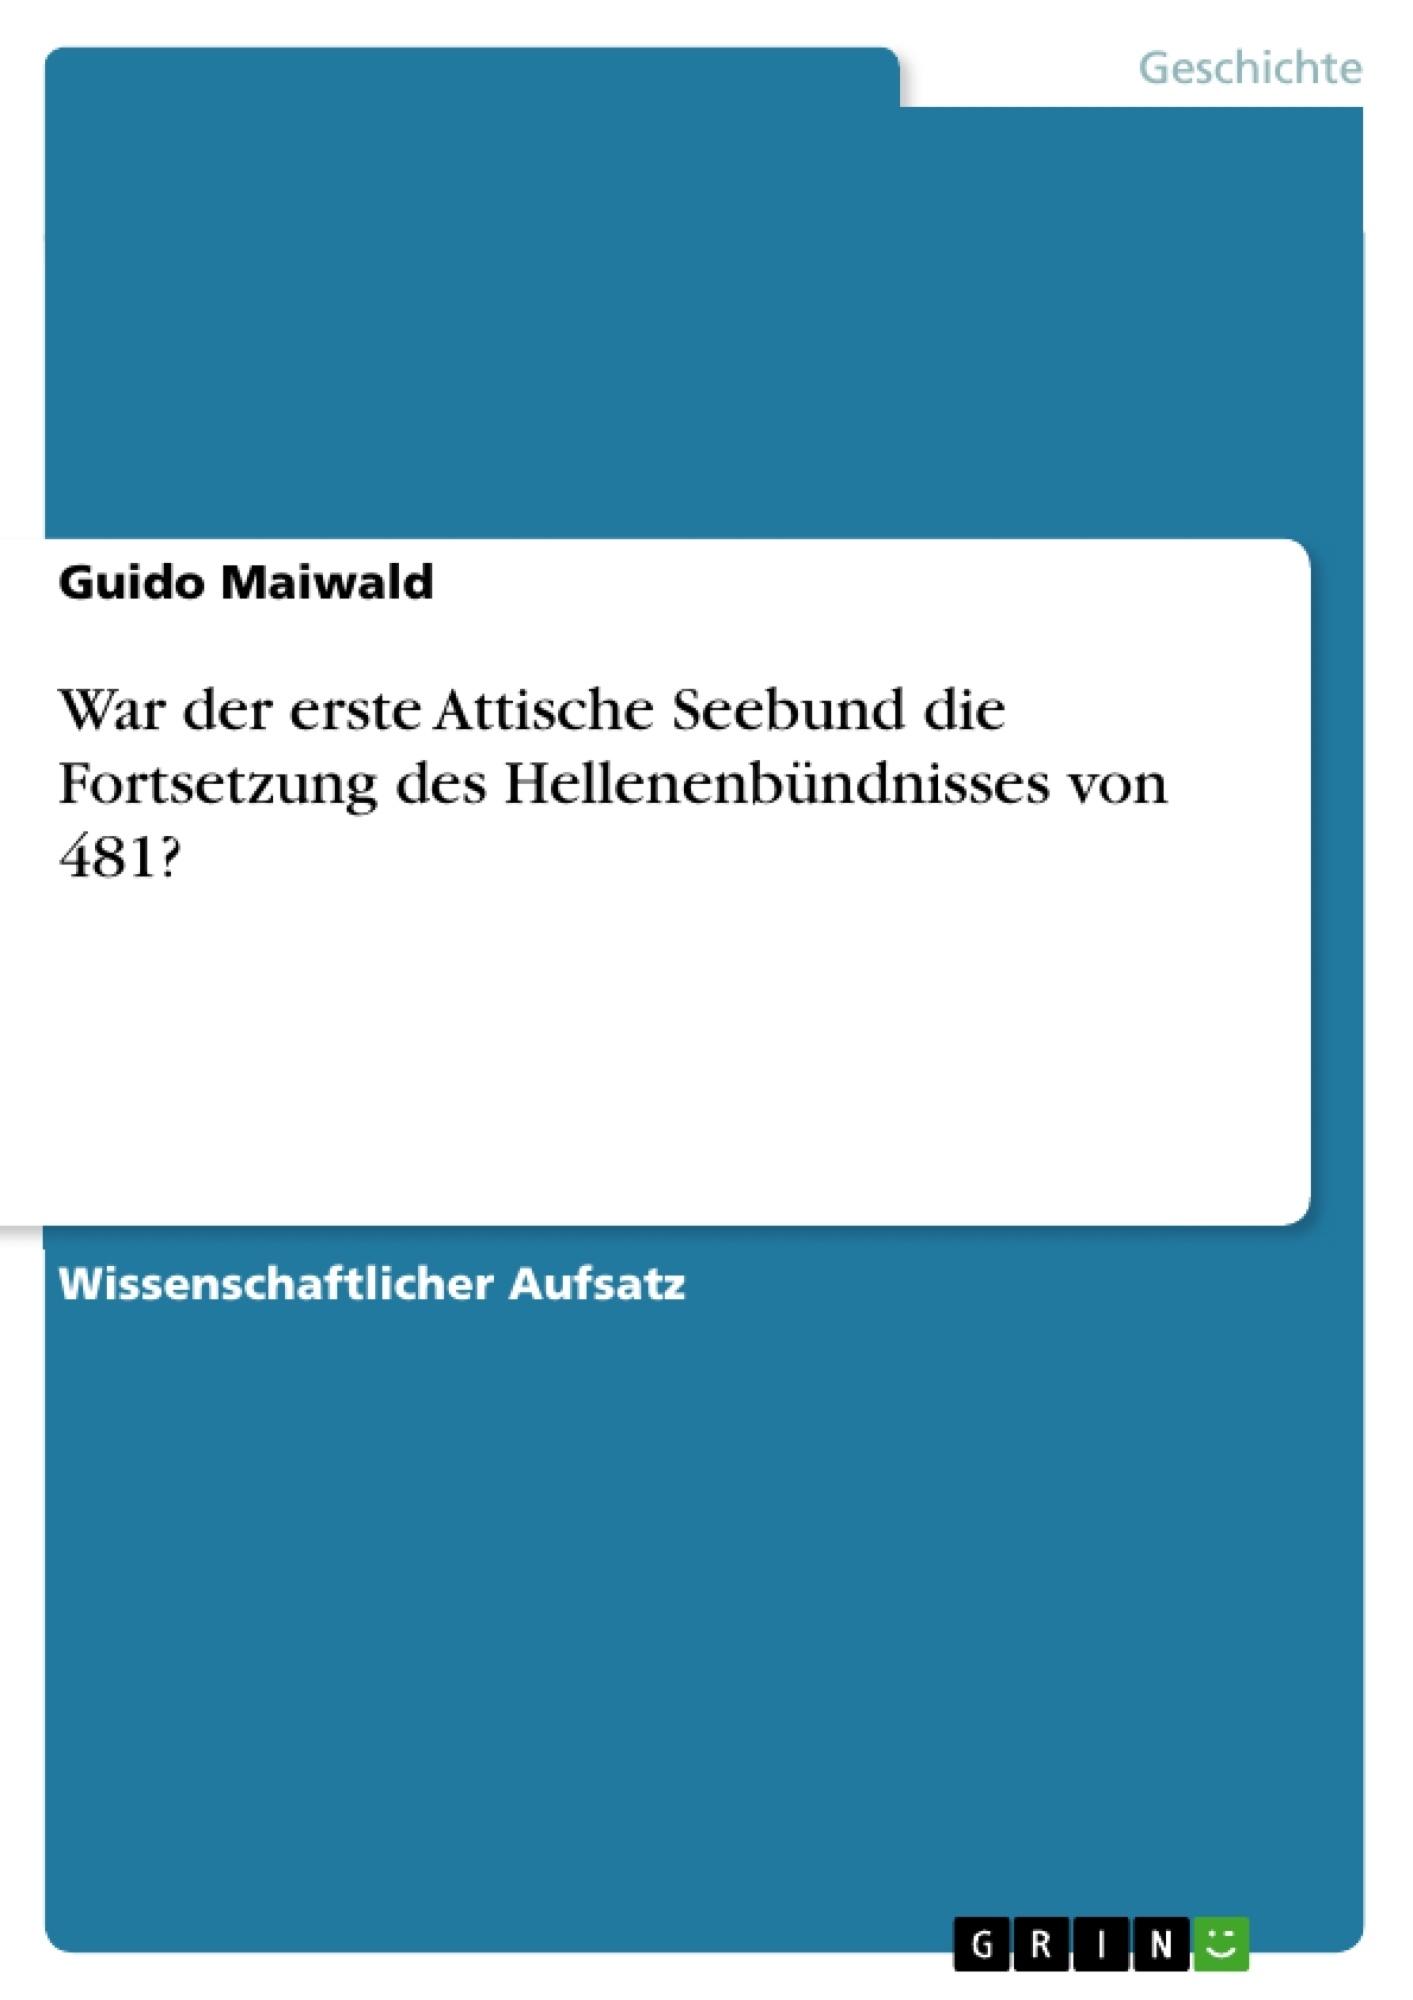 Titel: War der erste Attische Seebund die Fortsetzung des Hellenenbündnisses von 481?